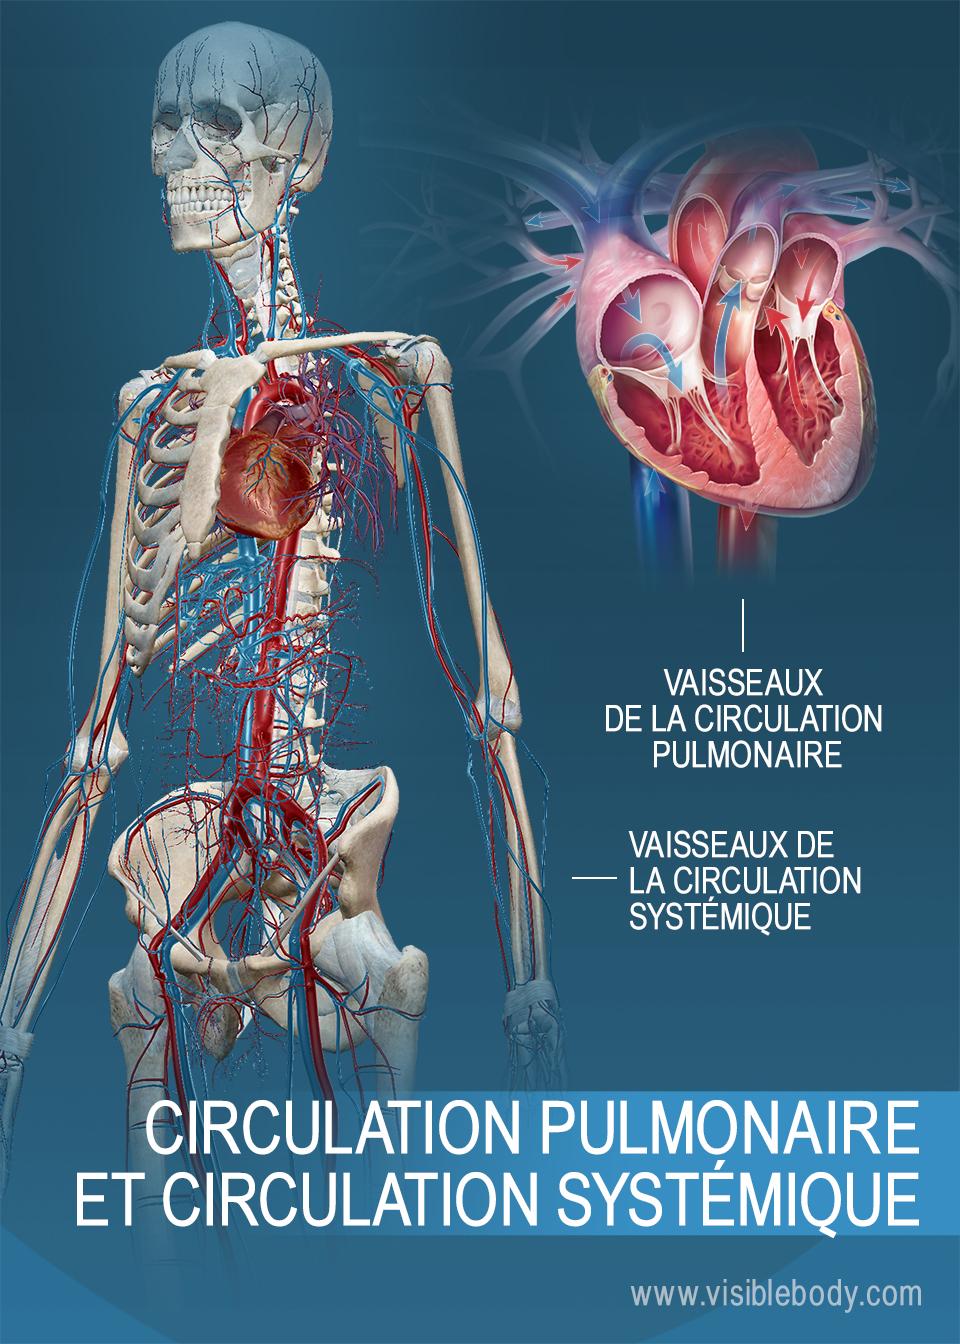 Ou Se Situe Le Coeur De La Crevette : situe, coeur, crevette, Circulation, Pulmonaire, Systémique